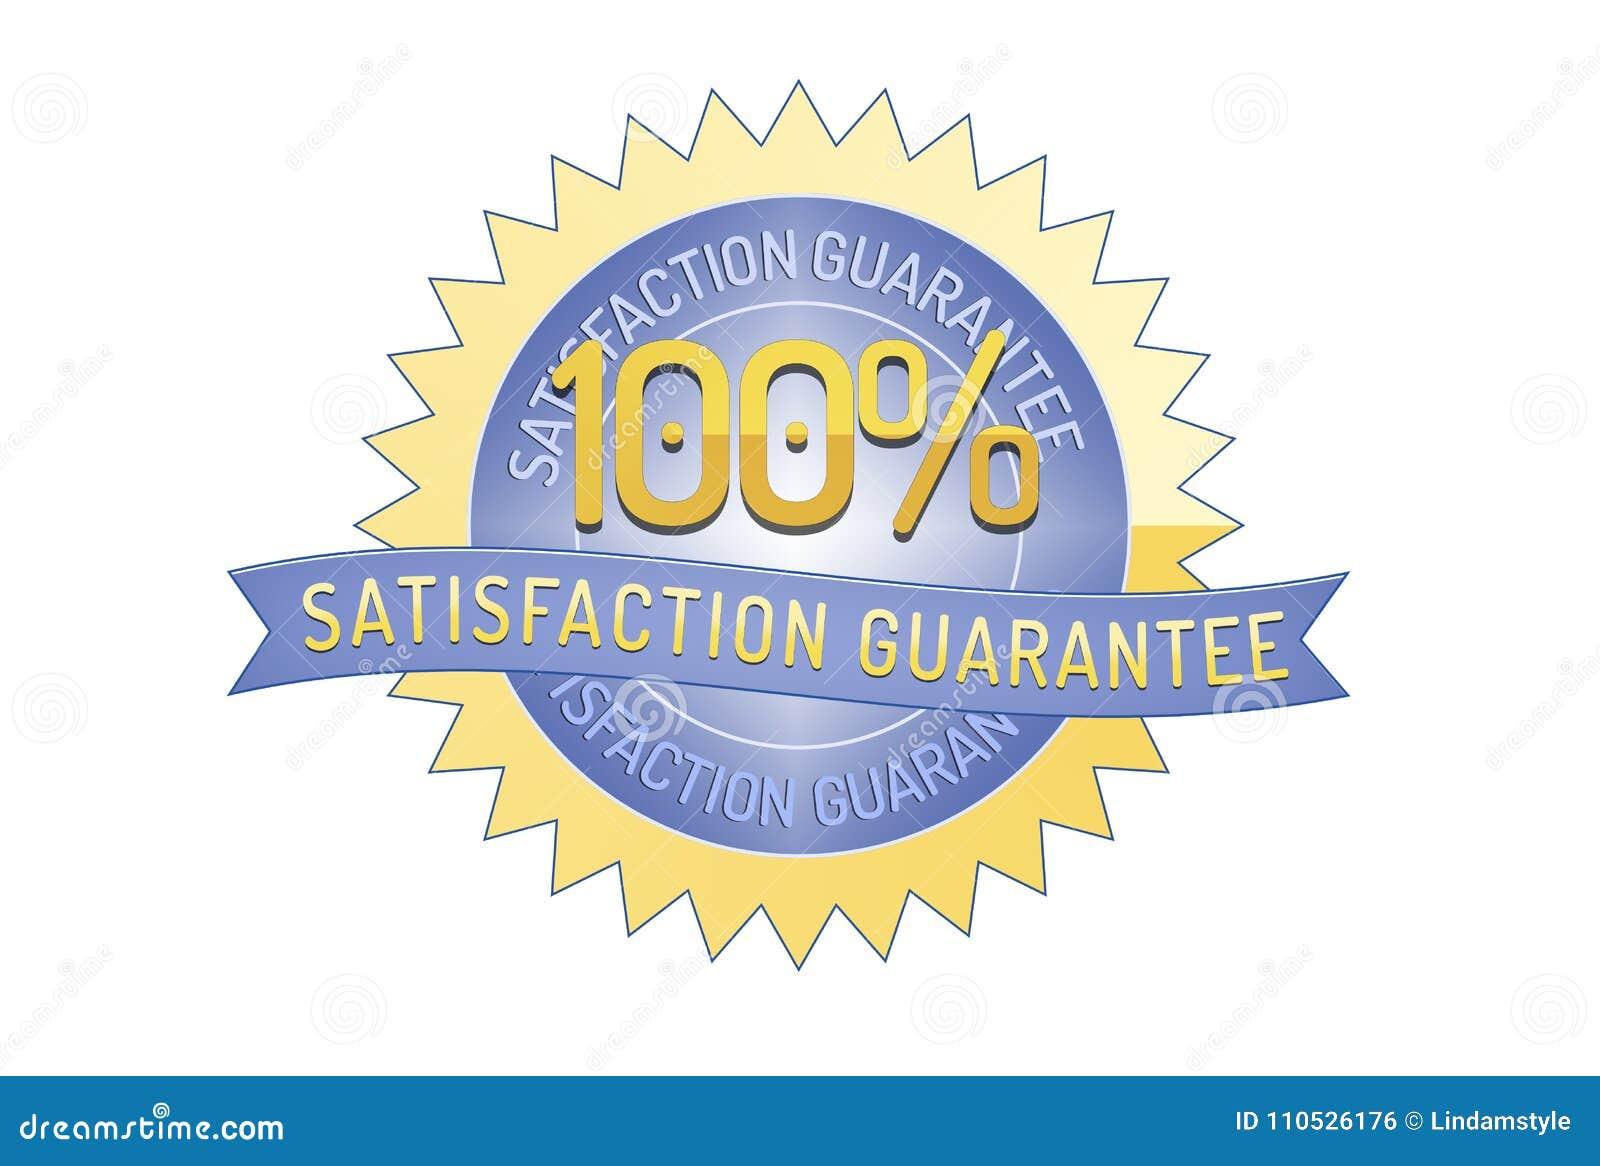 100% Satisfaction Guarantee Ribbon And Badge Stock